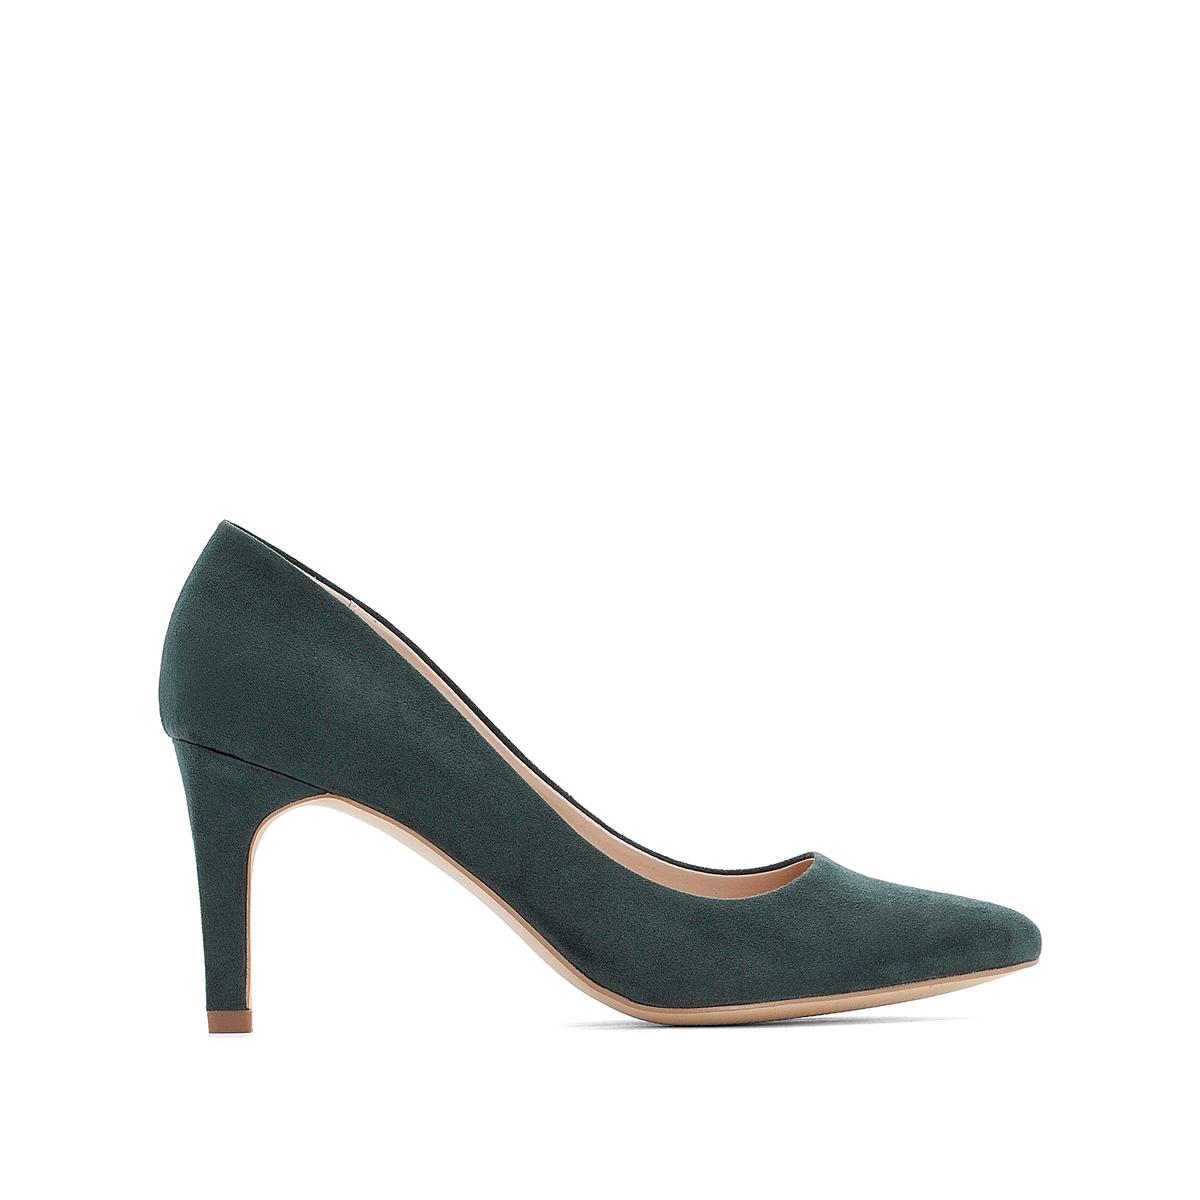 Туфли La Redoute На высоком каблуке 40 зеленый